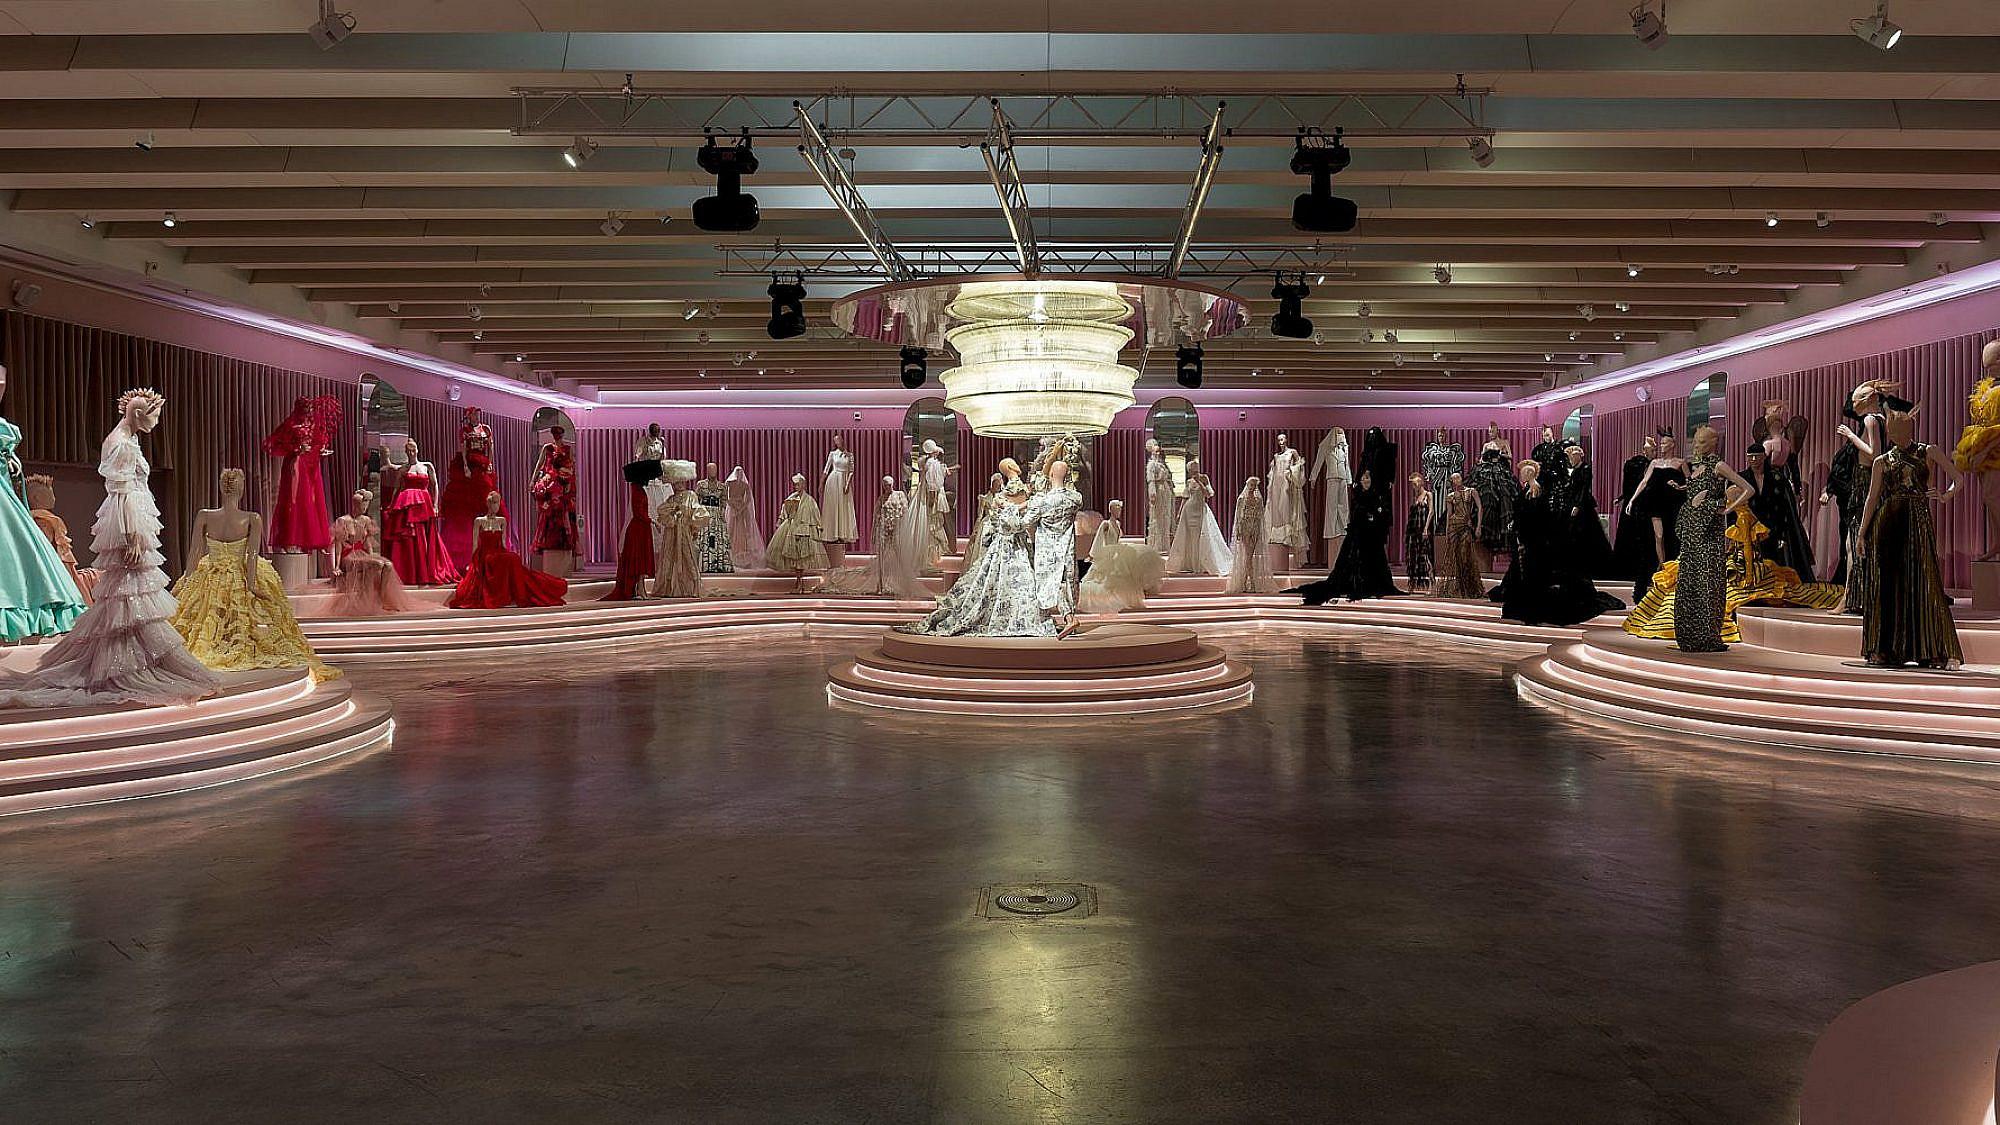 תערוכת הנשף במוזיאון העיצוב חולון. צילום: אלעד שריג